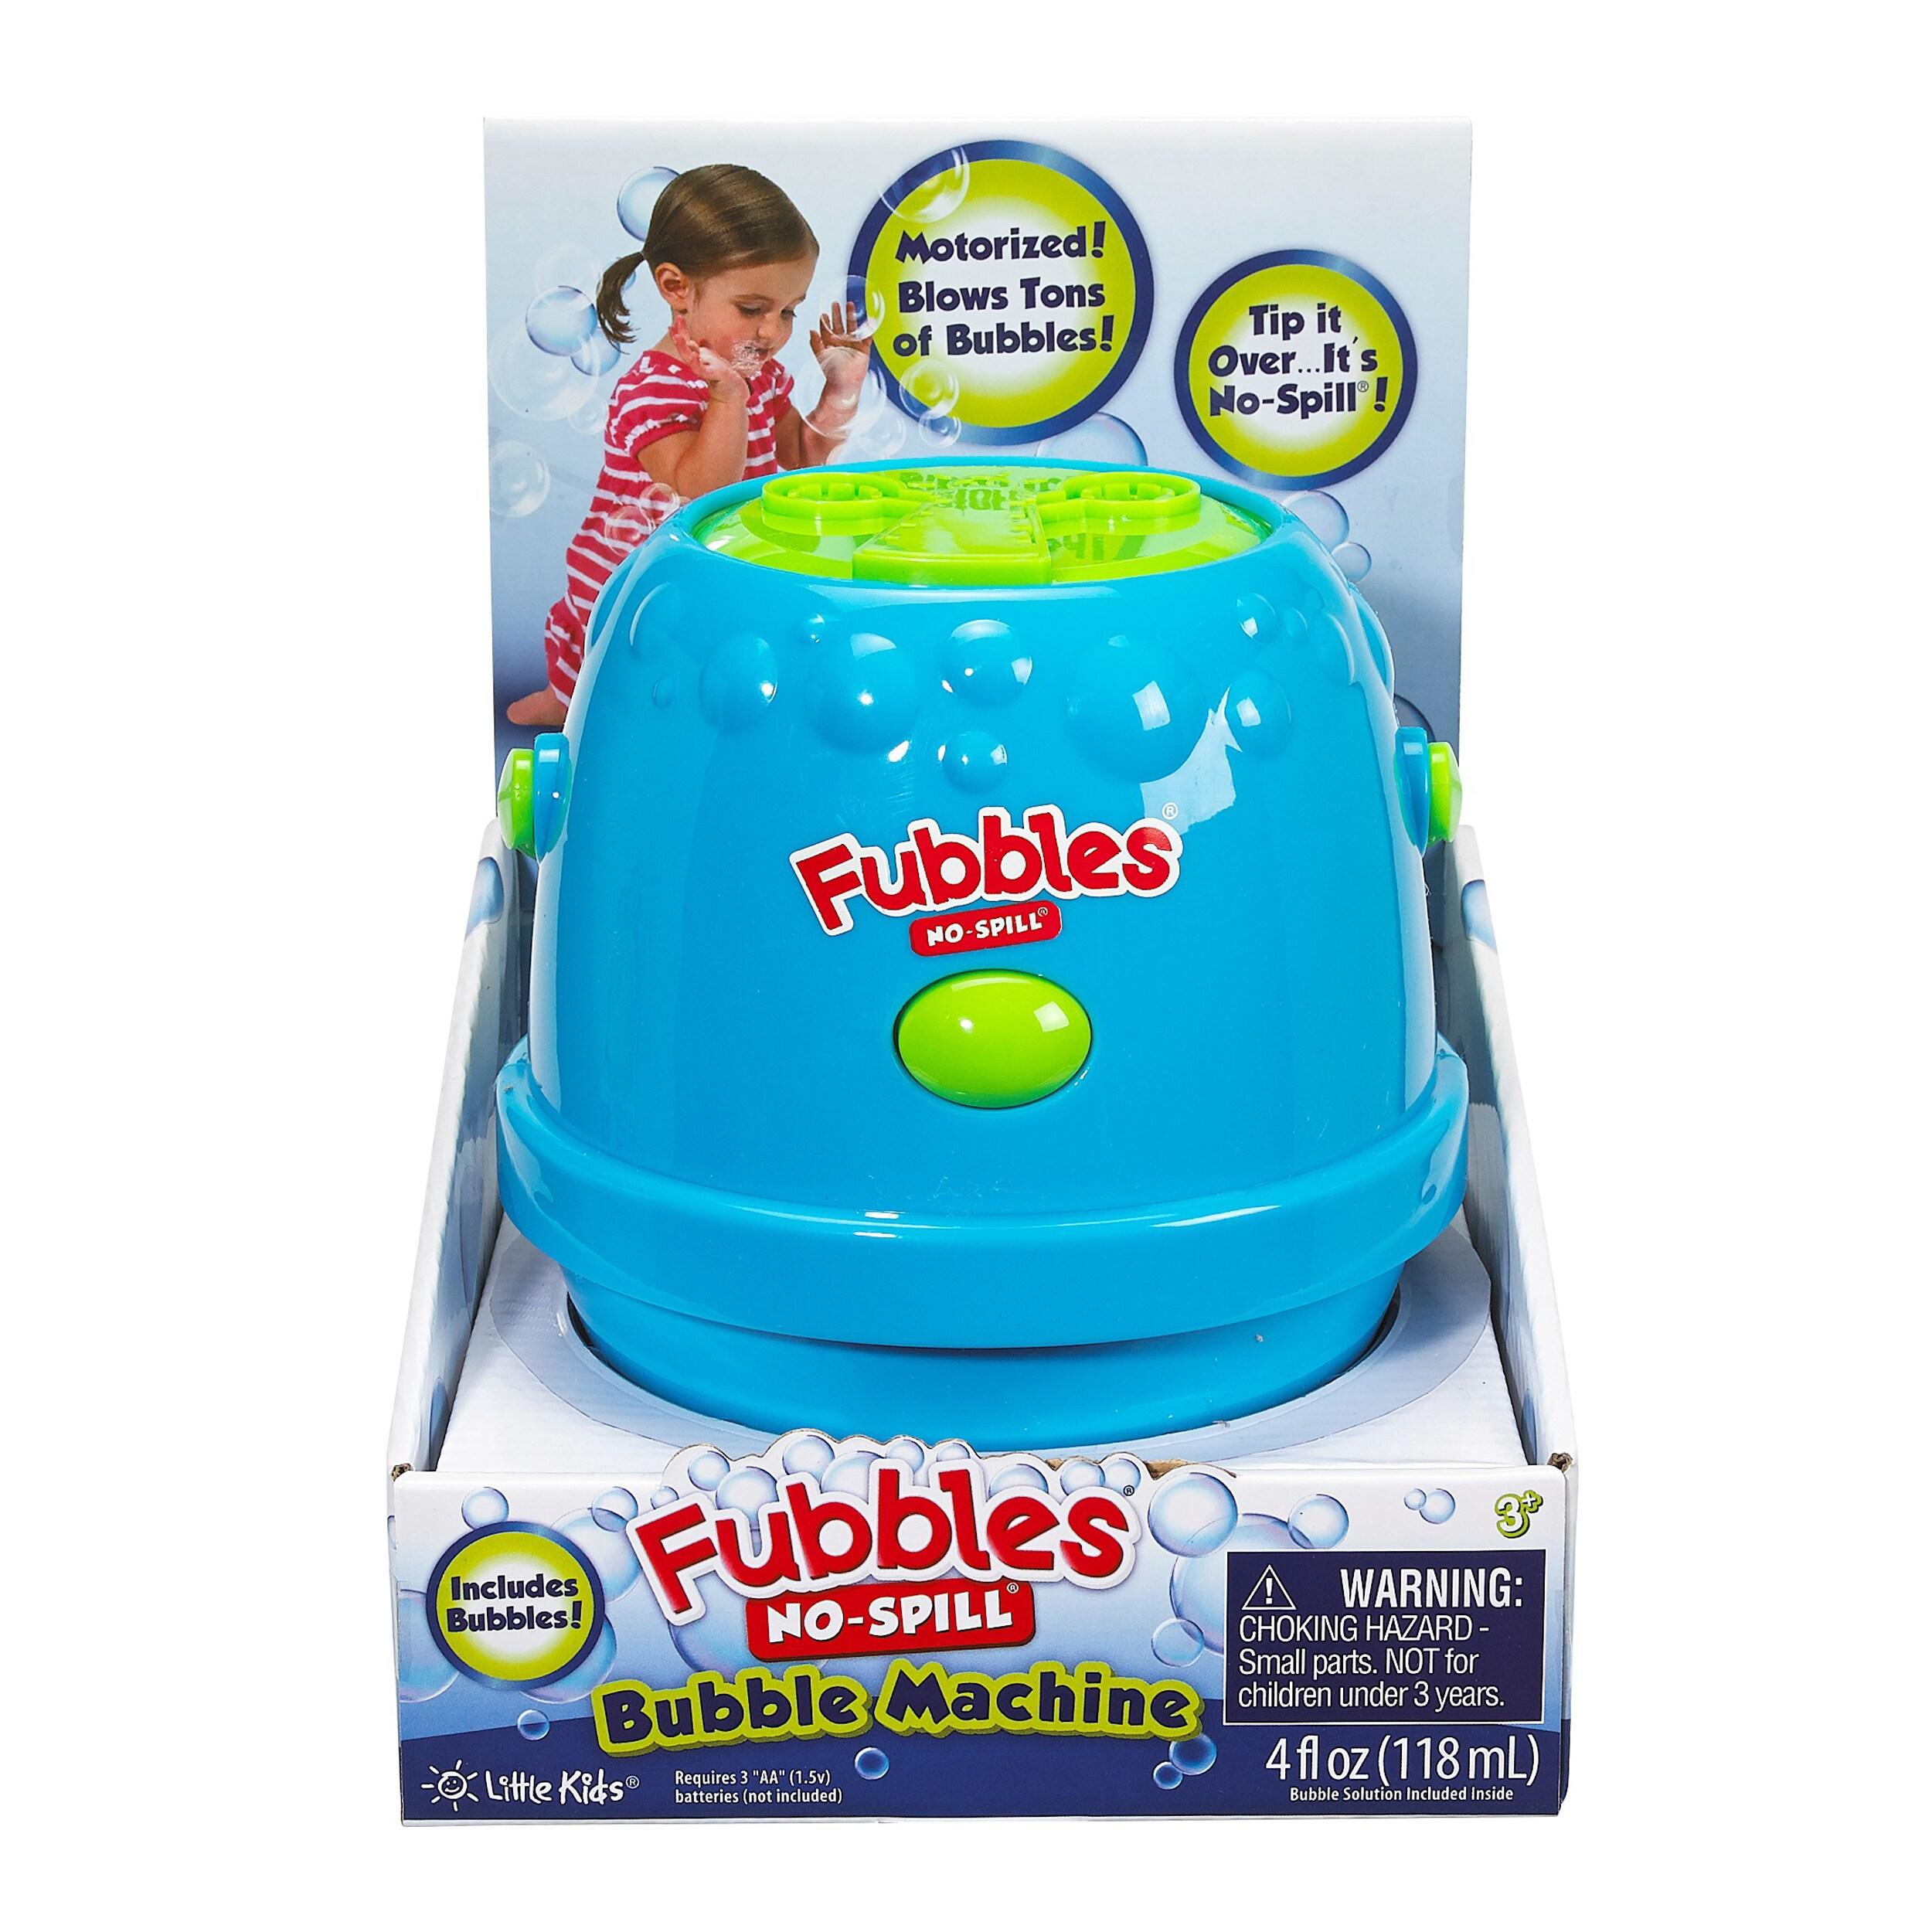 Little Kids Fubbles No Spill Bubble Machine (Pink and Pur...